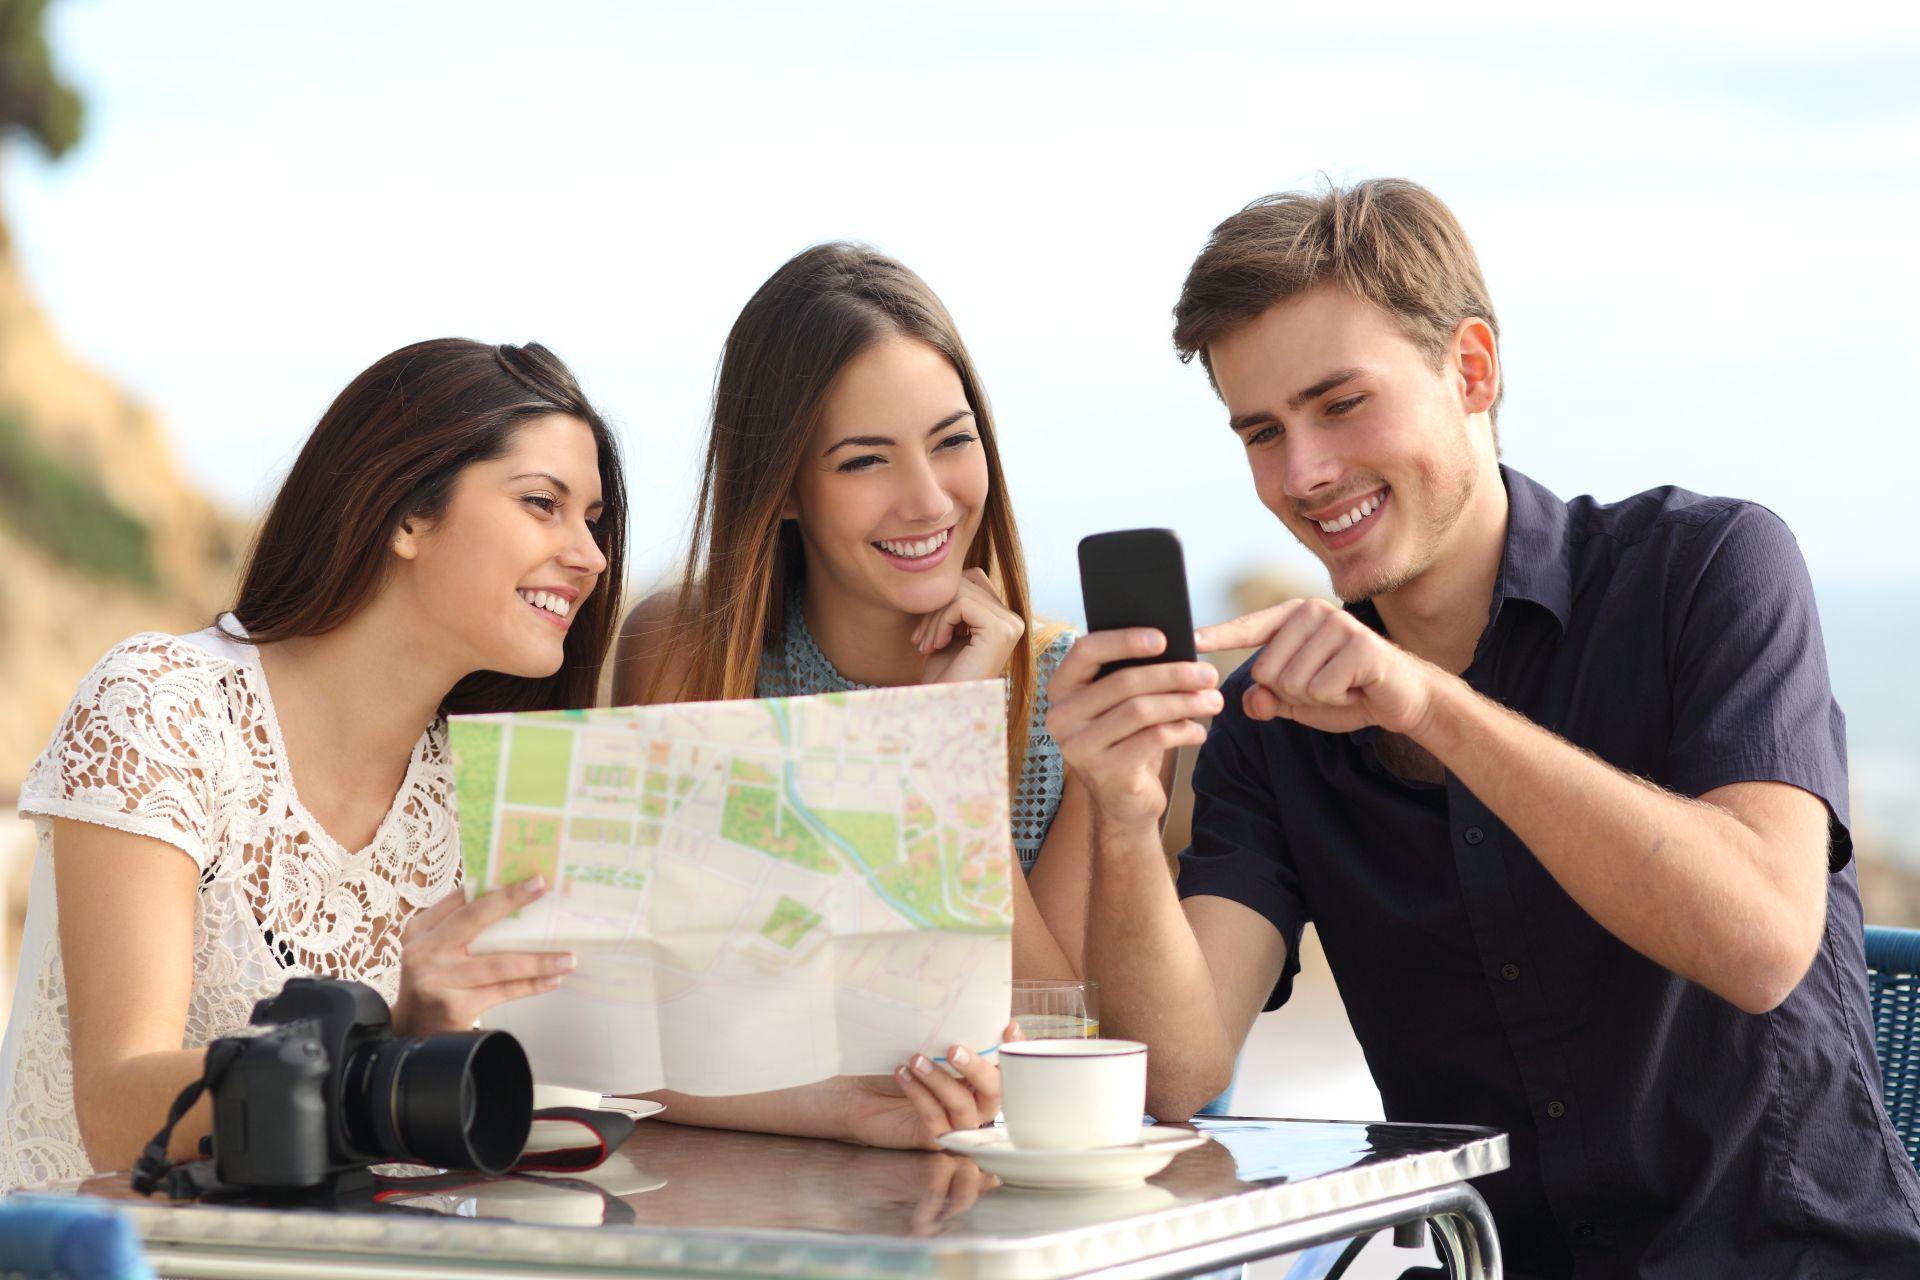 Mladí lidé plánují cestování